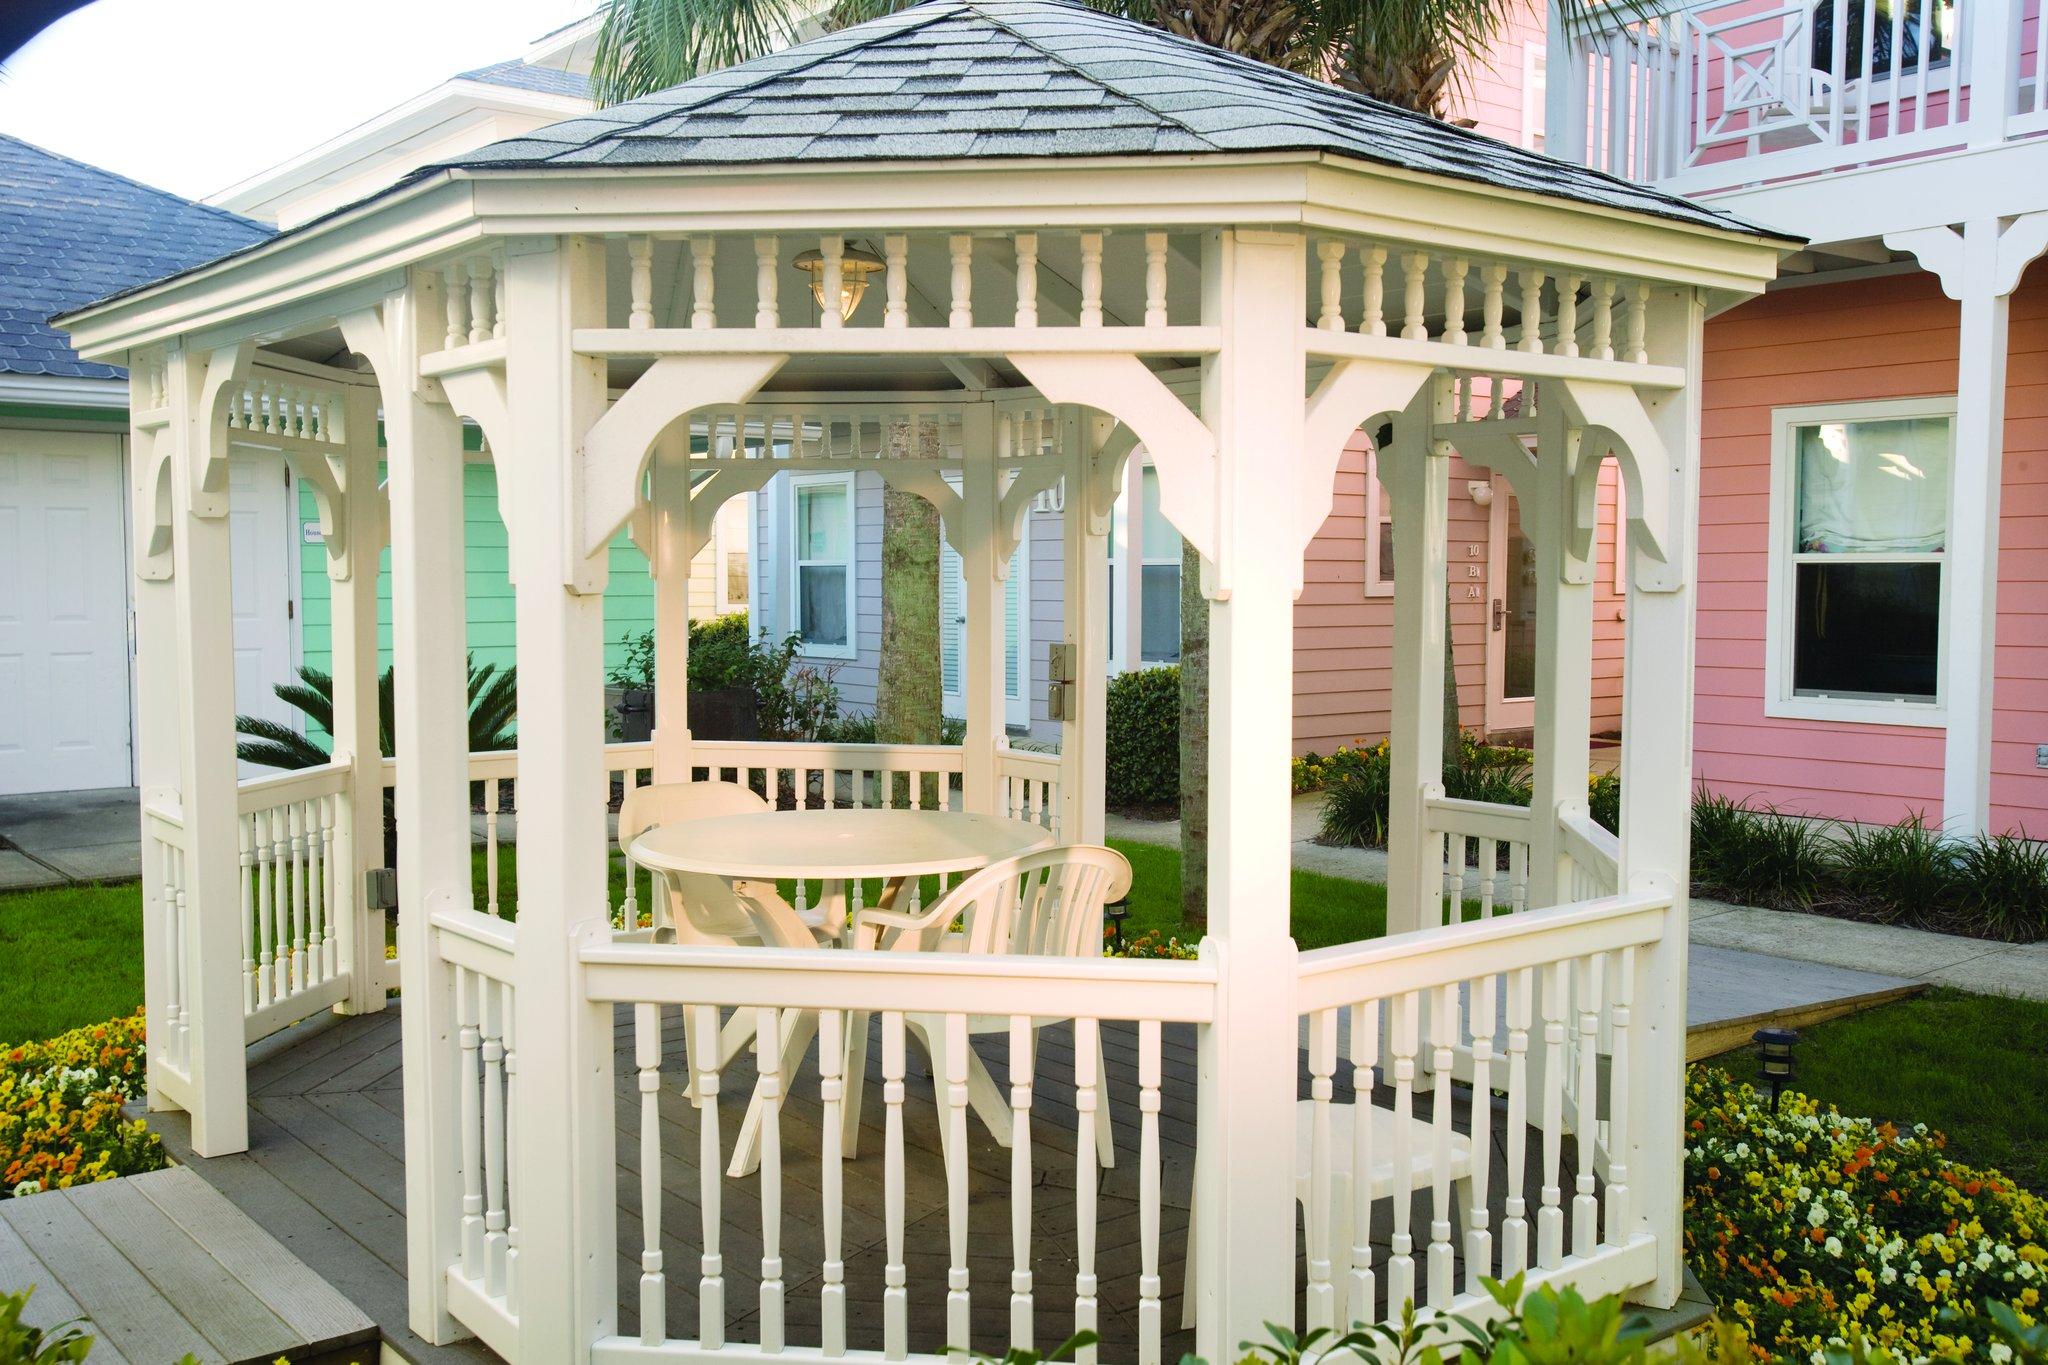 wyndham beach street cottages wyndham beach street cottages wyndham beach street cottages